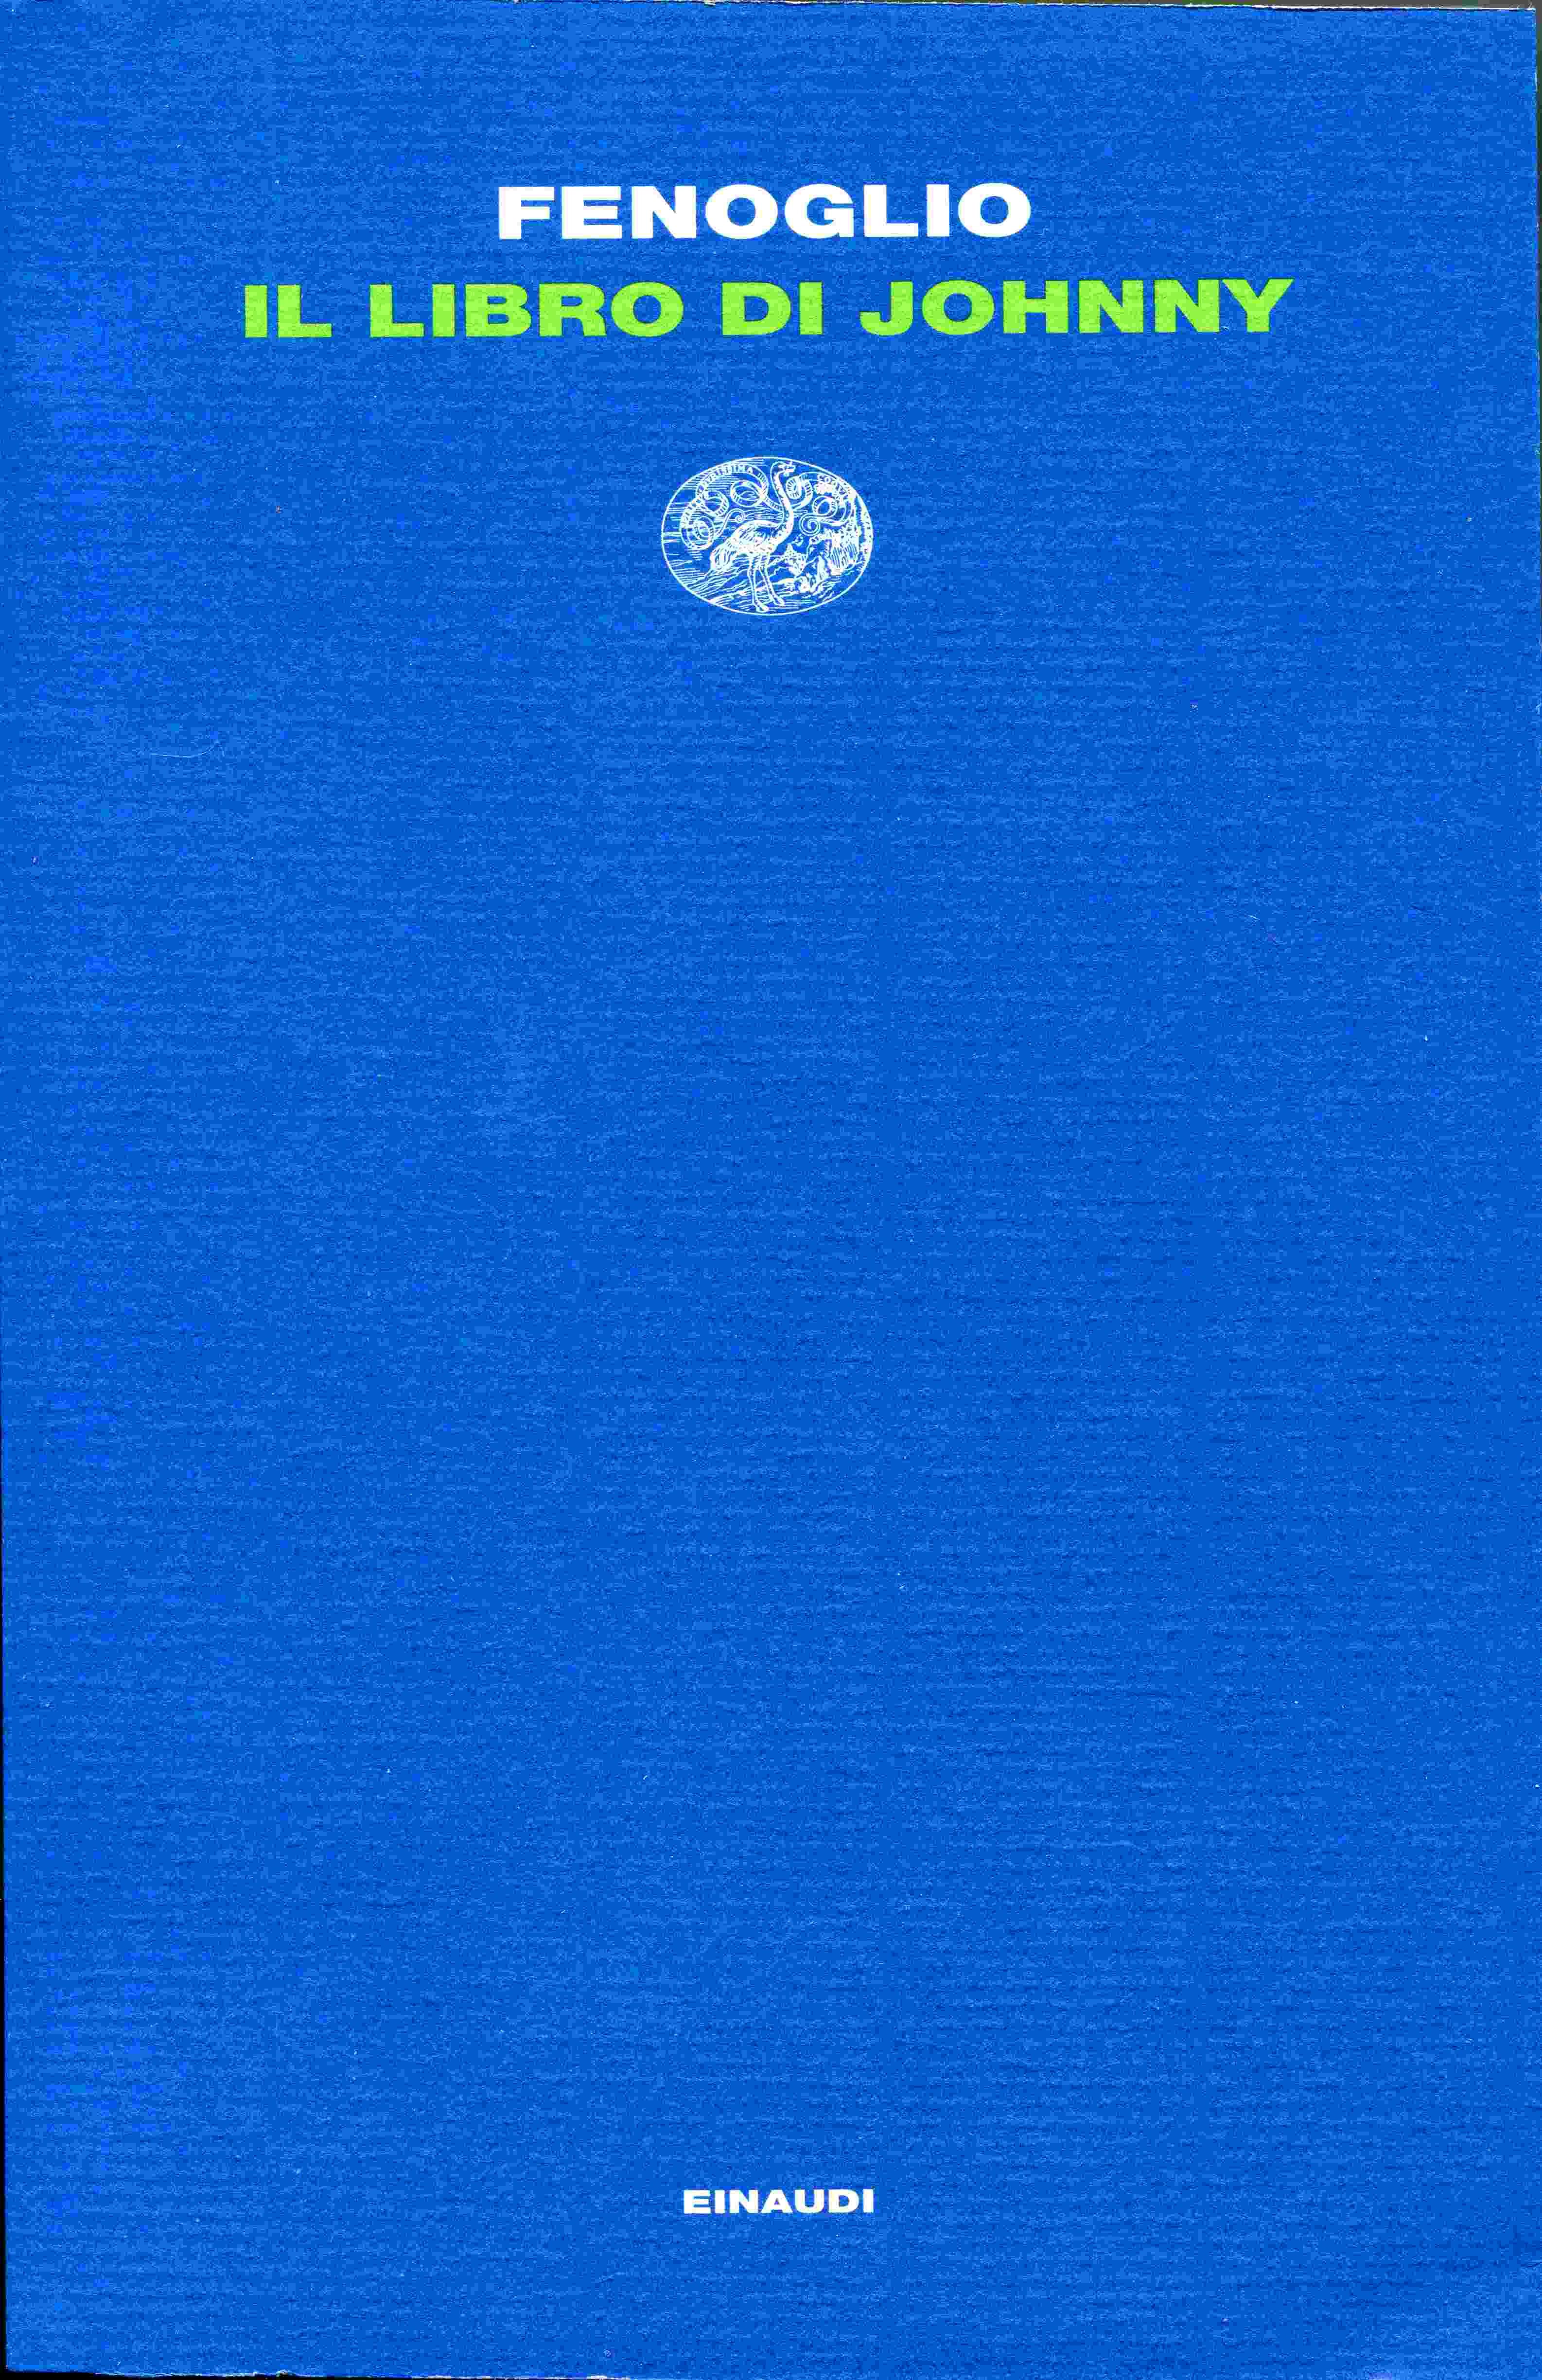 1 FENOGLIO_IL LIBRO DI JOHNNY015